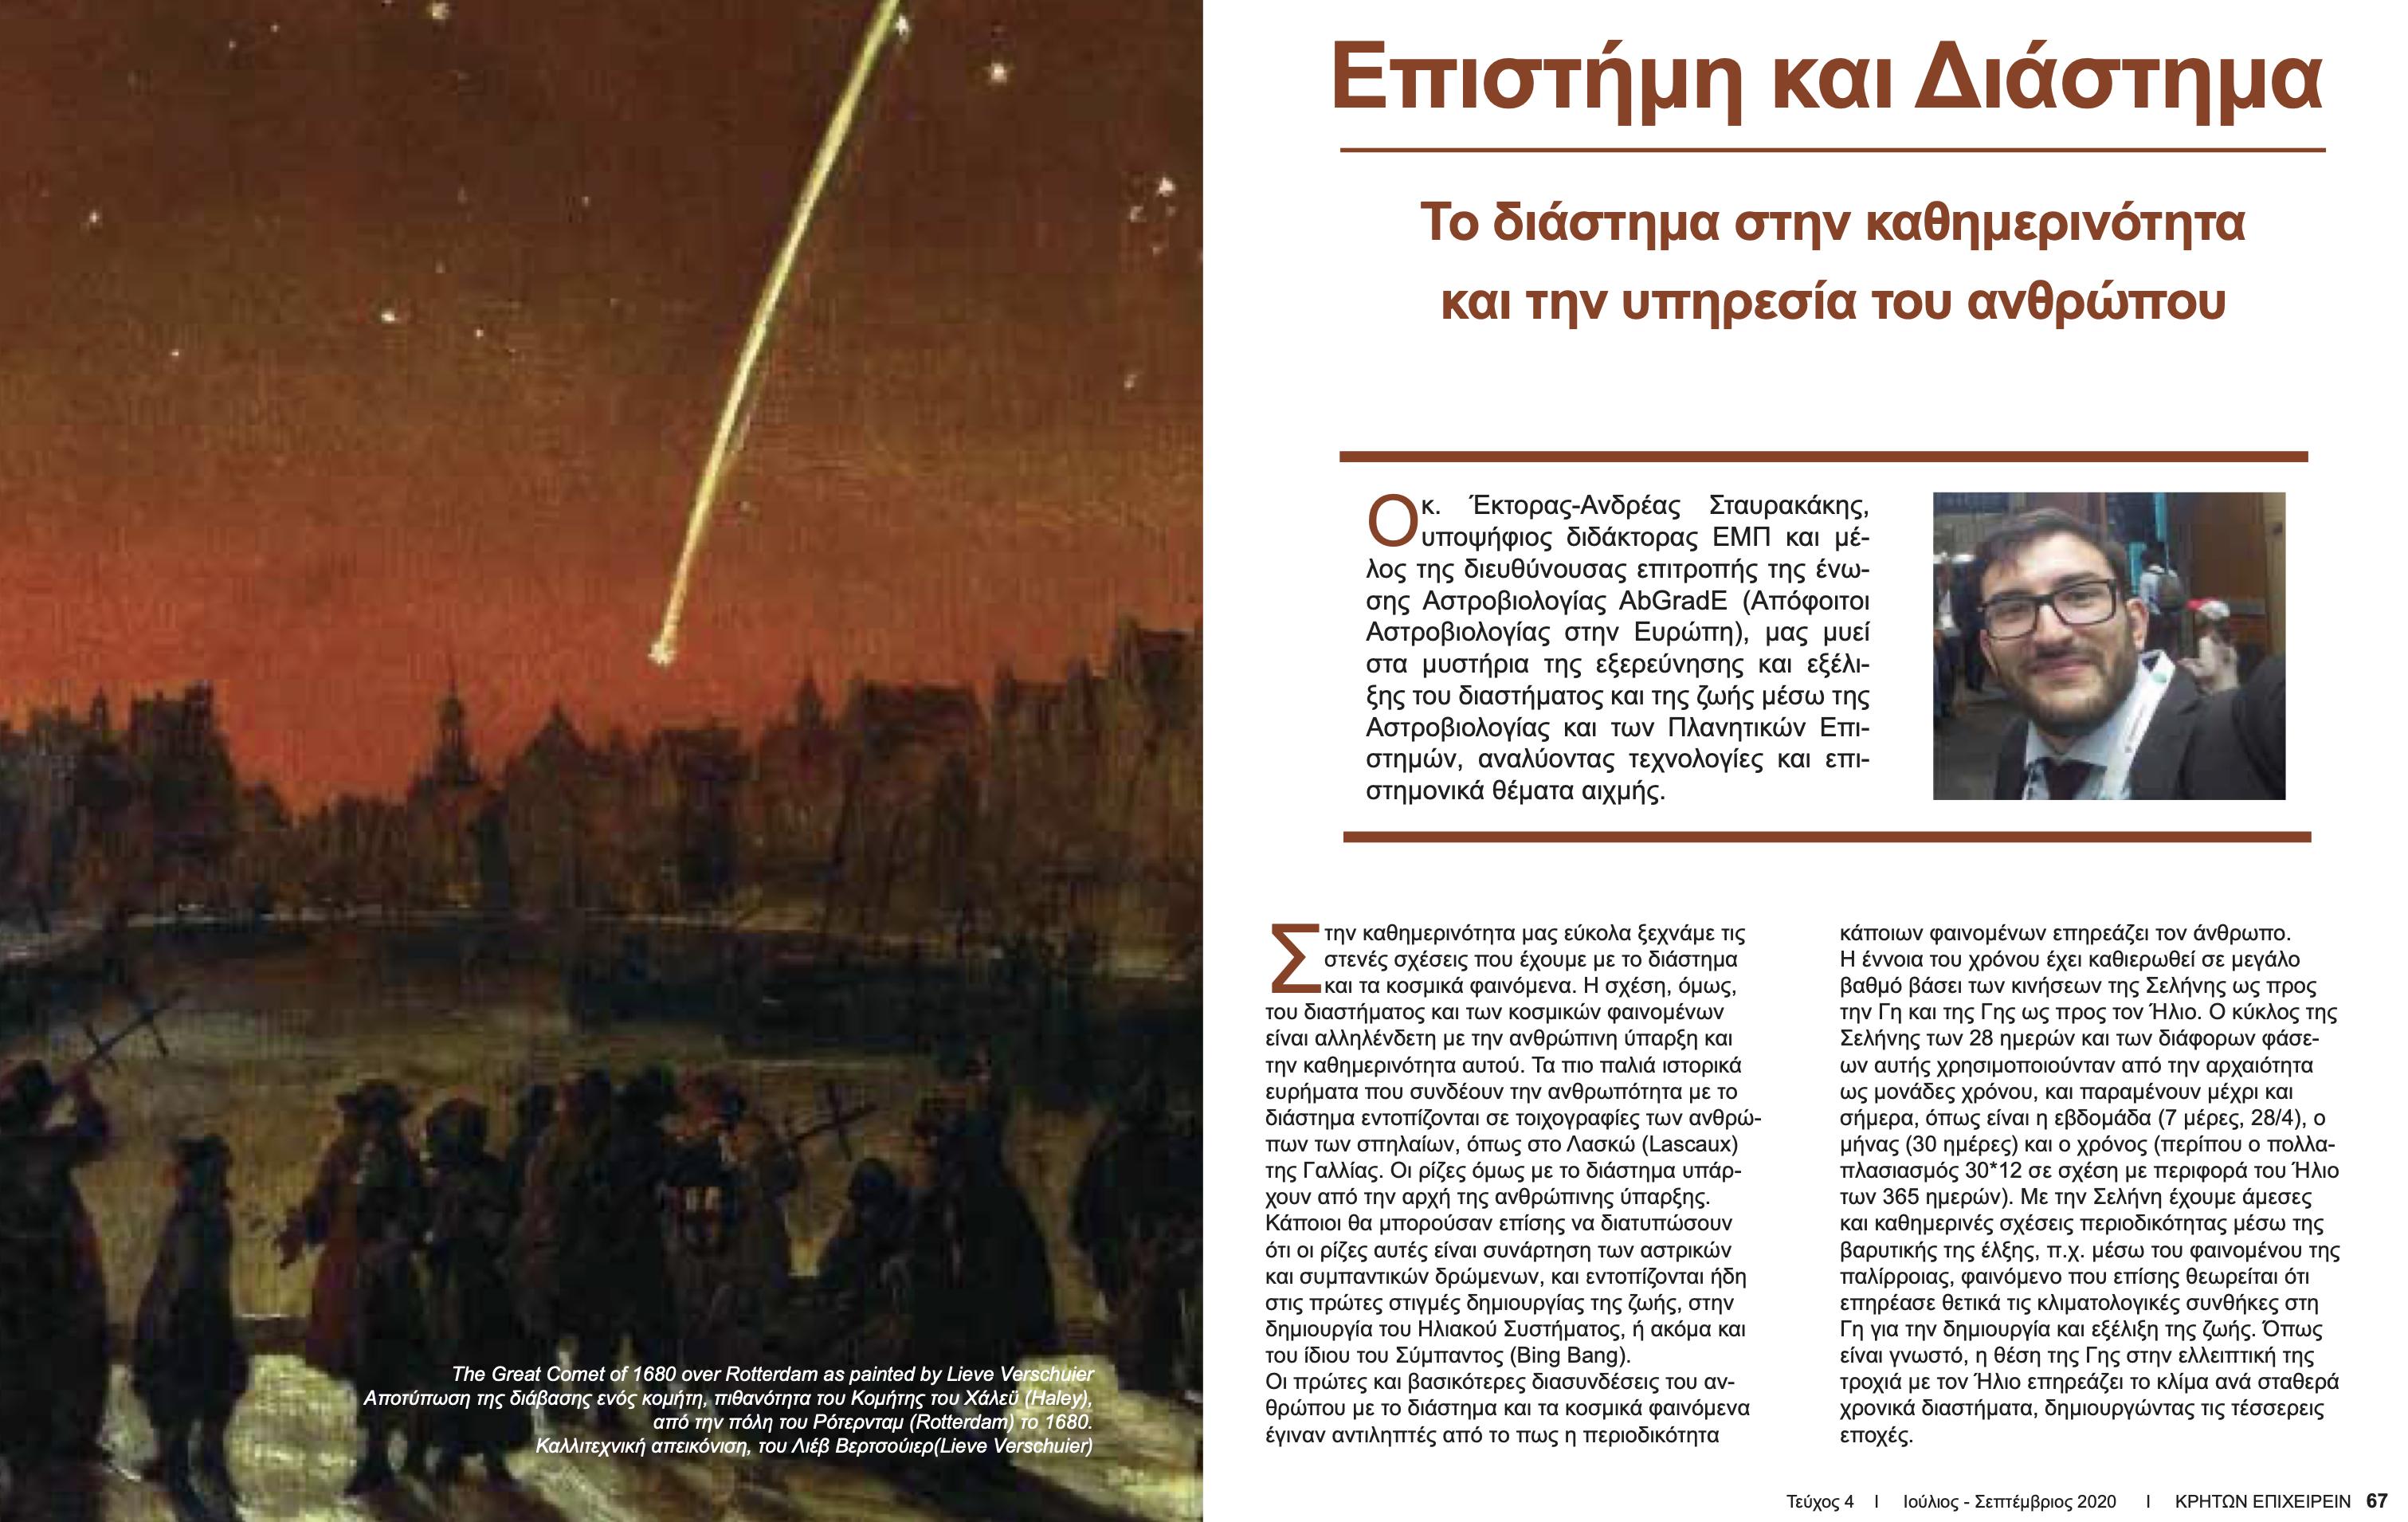 Διάστημα και Άνθρωπος. Κρητών Επιχειρείν (άρθρο του Έκτορα Σταυρακάκη)